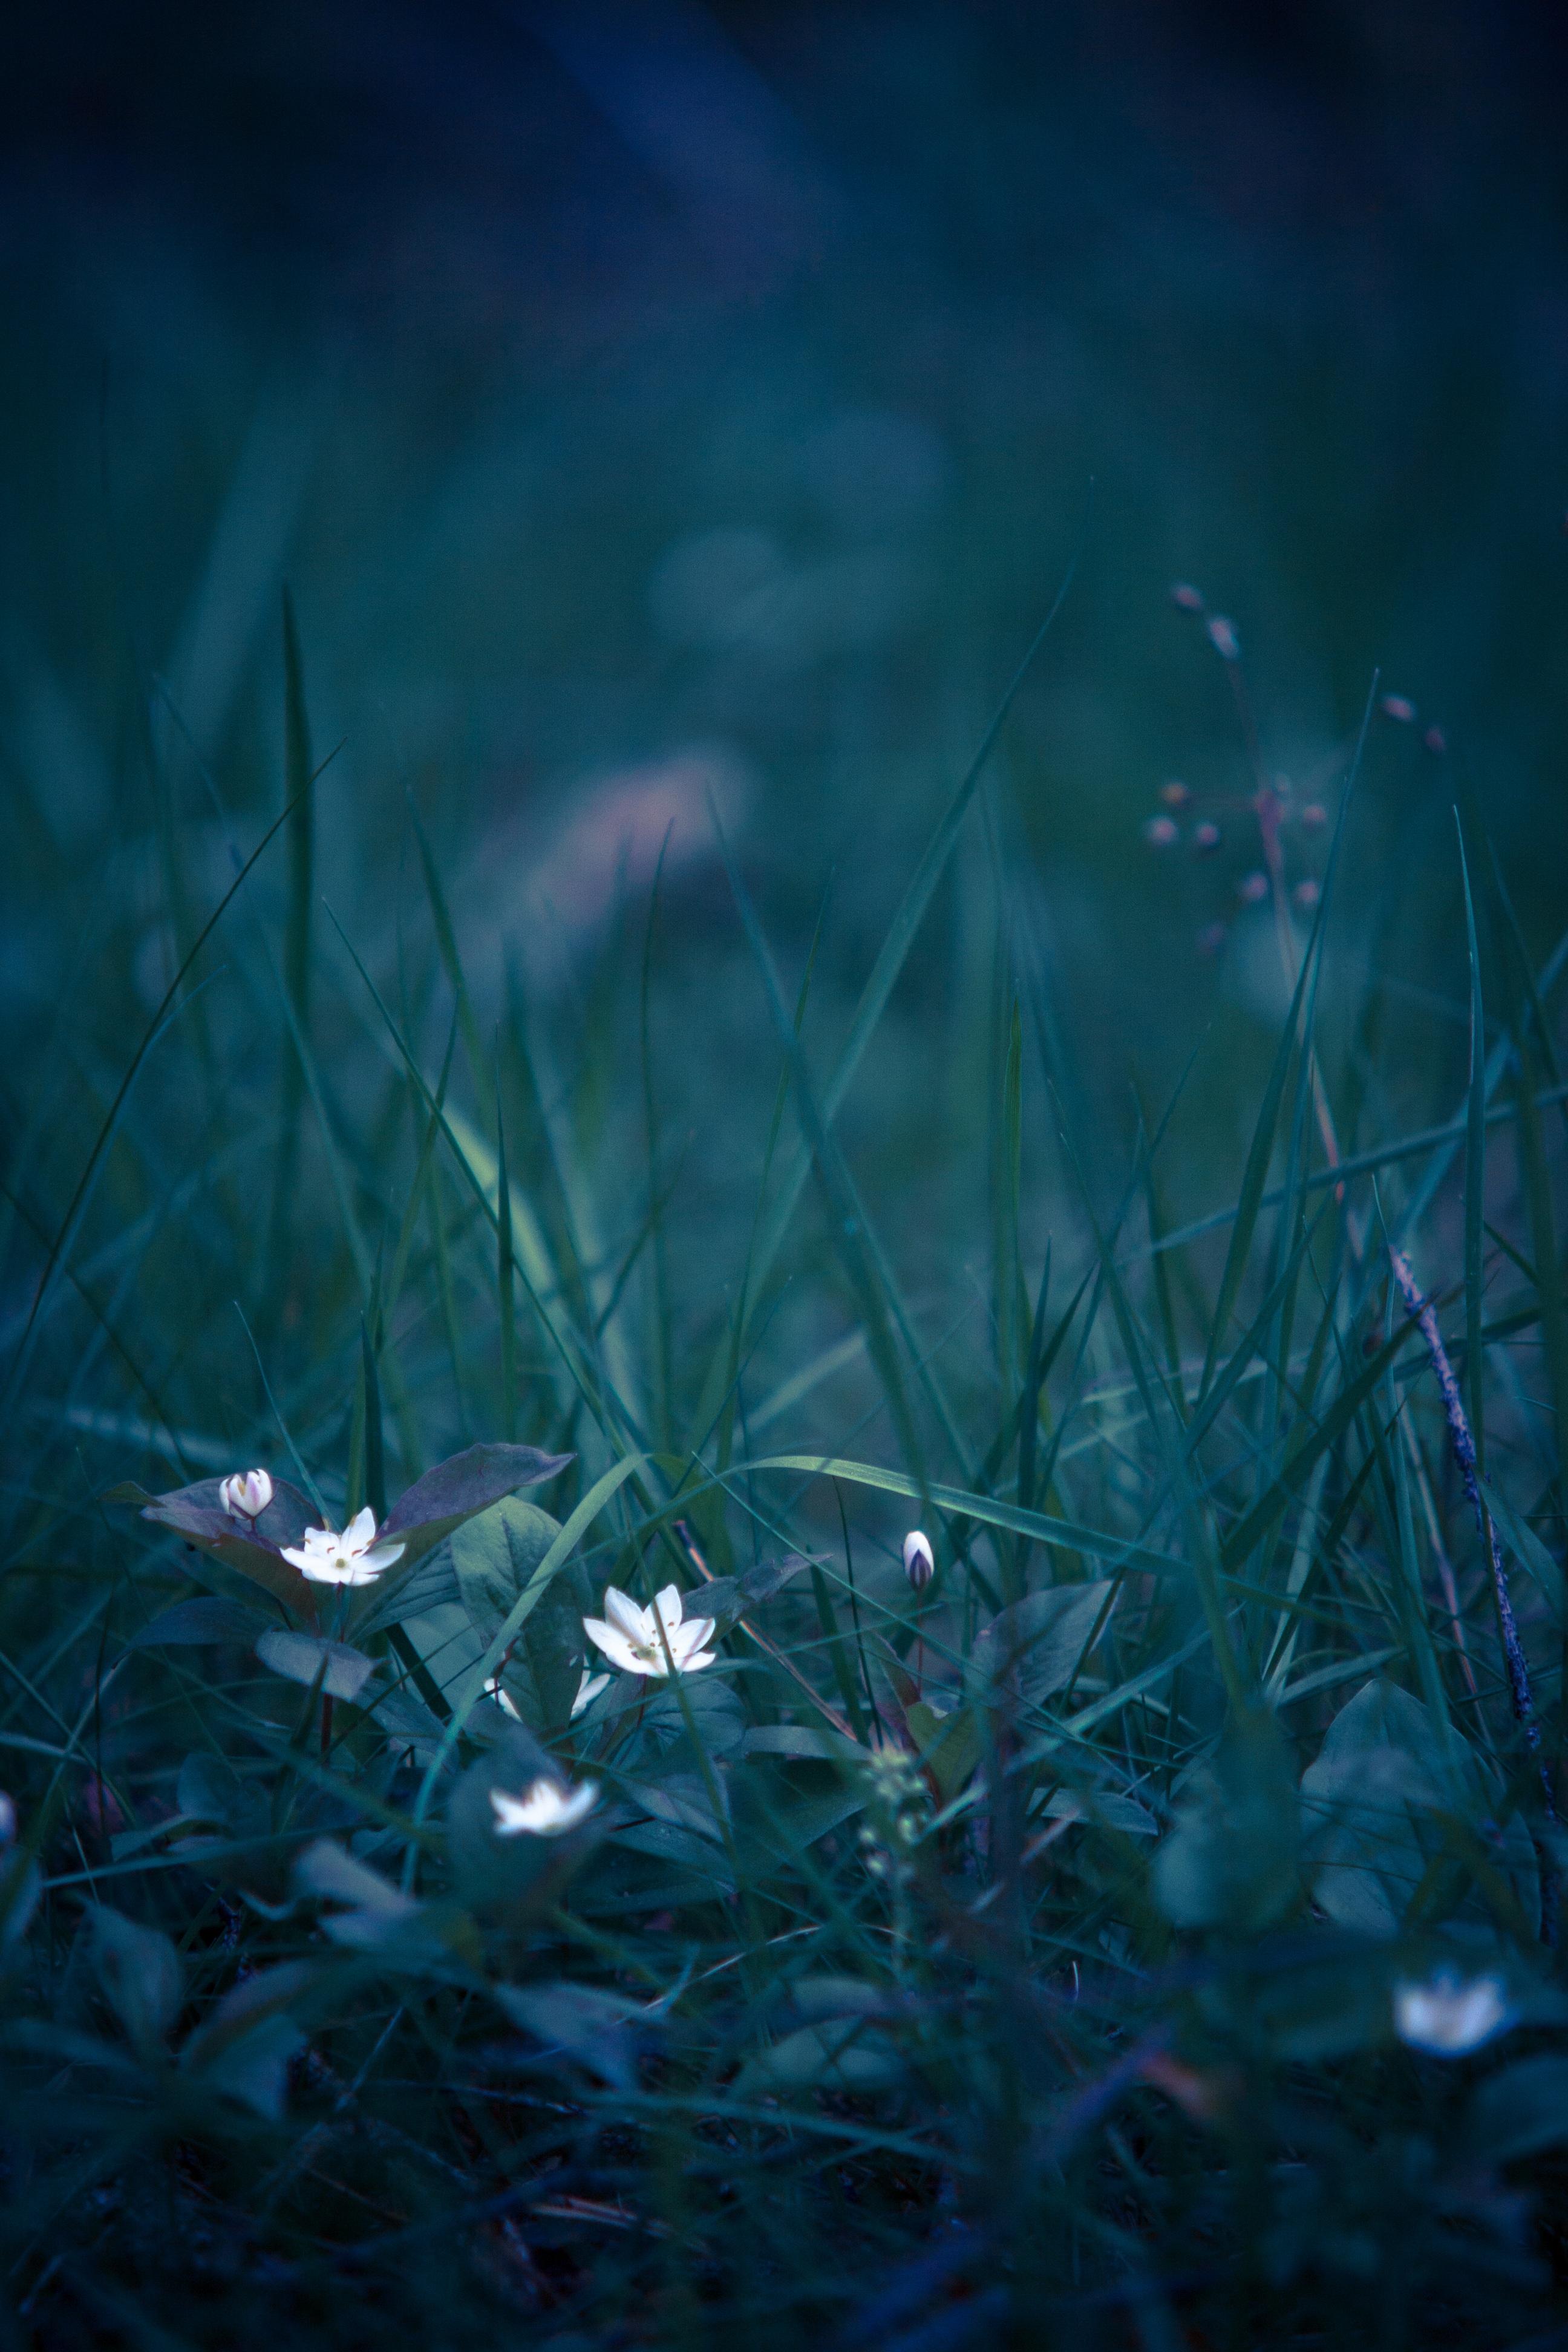 White Petaled Flower on Grass